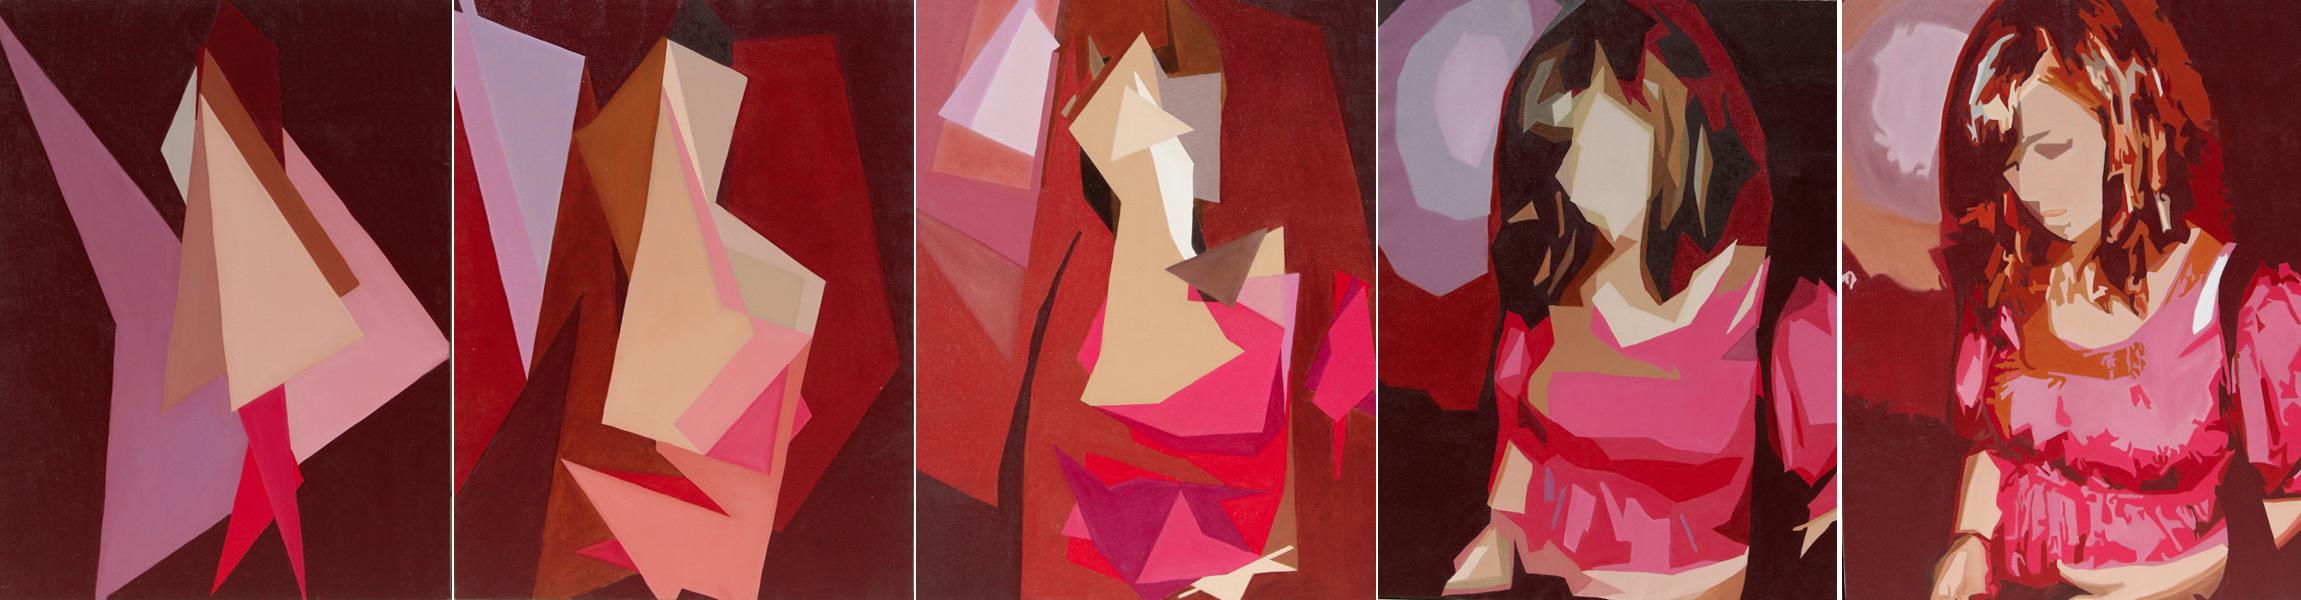 Sarah quintyptique - huile sur toile  5x 130 x 097 - 2010 collection particulière